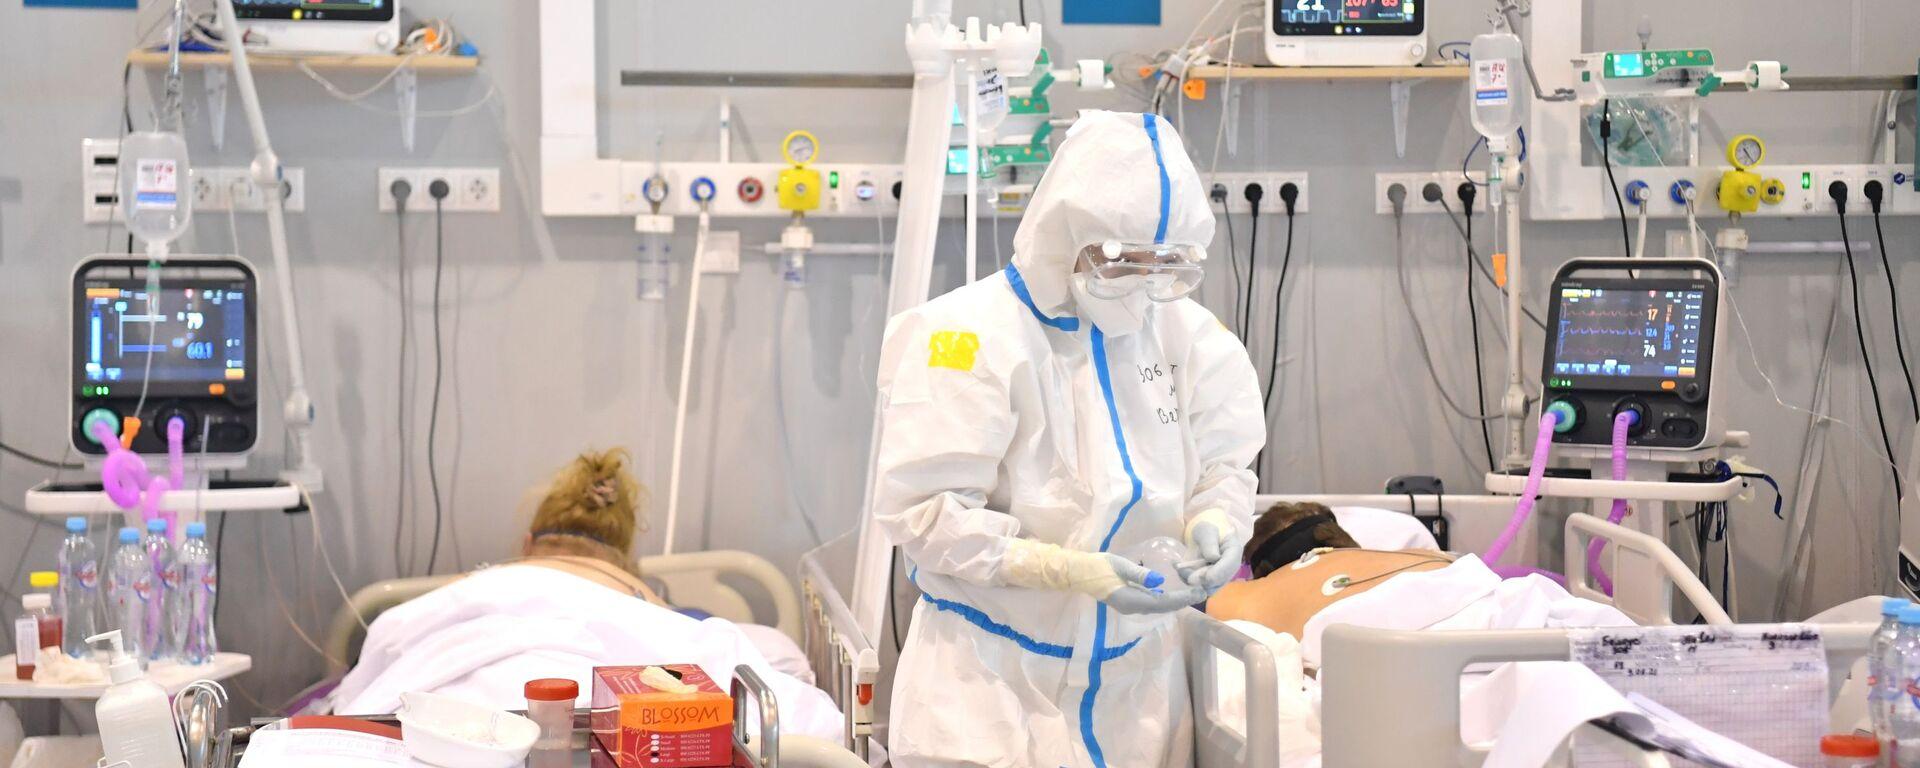 Điều trị bệnh nhân bị COVID-19 trong bệnh viện dự bị tại VDNKh - Sputnik Việt Nam, 1920, 24.07.2021